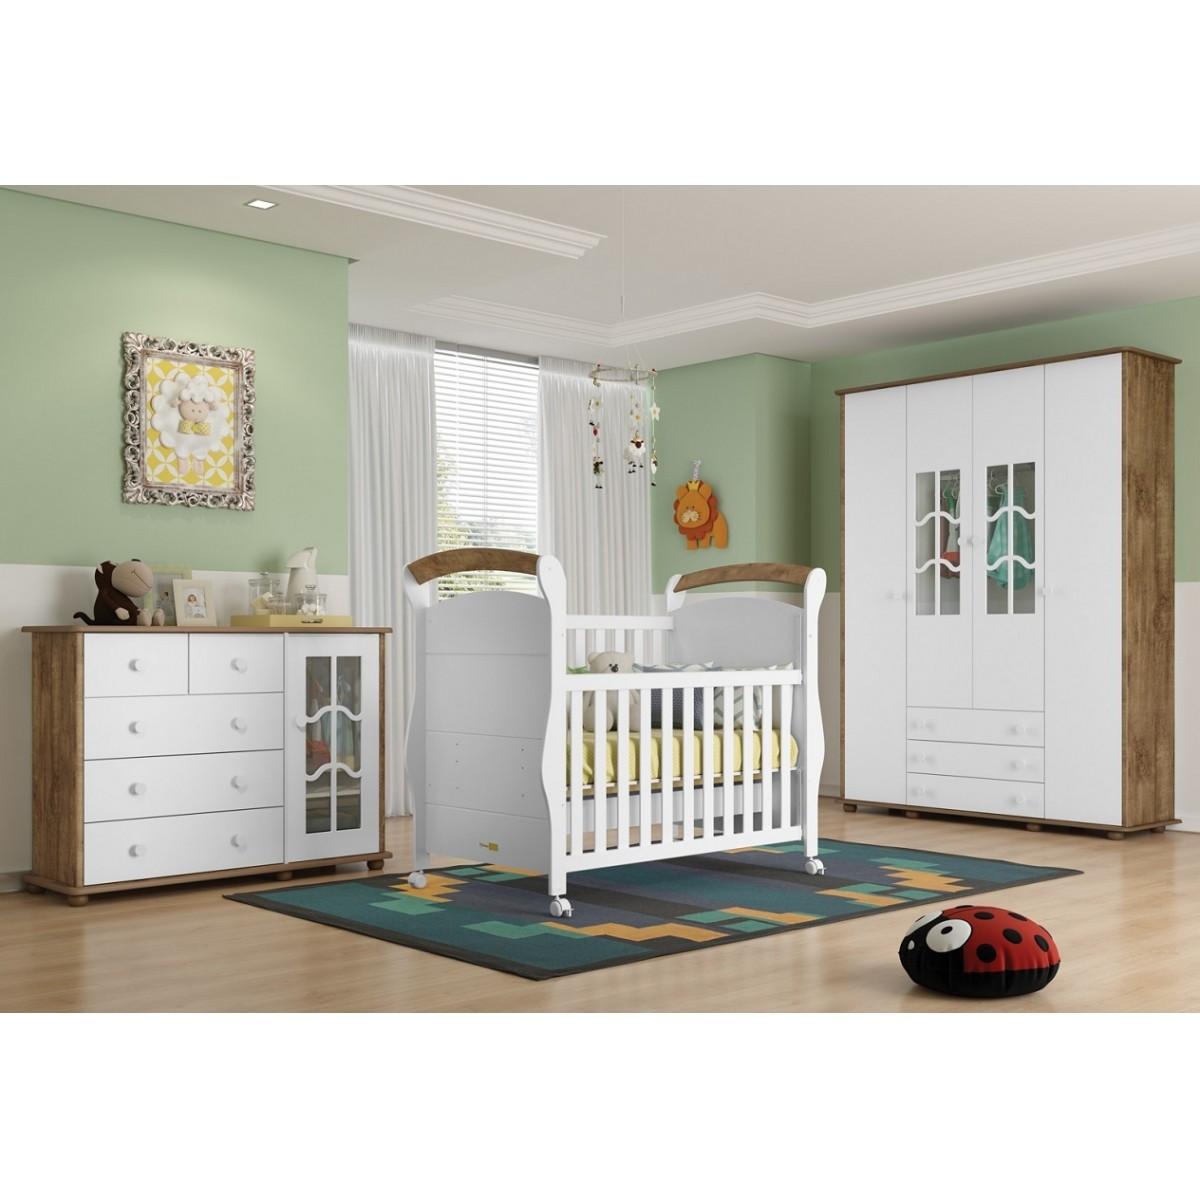 Jogo De Quarto Para Bebê Com Guarda Roupa + Cômoda Confort + Berço Mini Cama Fratelli Matic